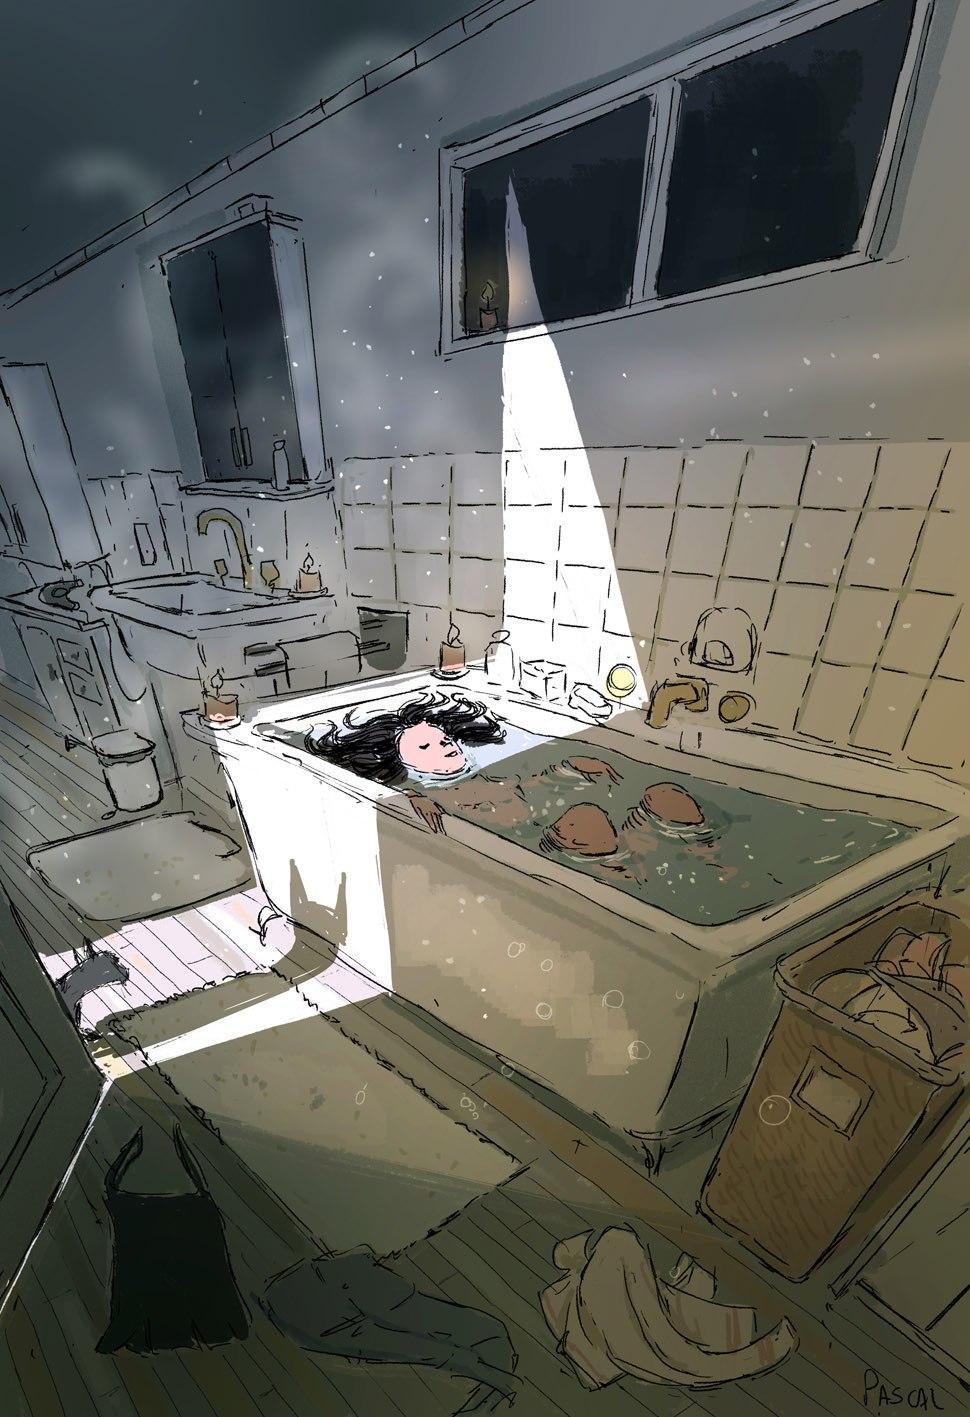 Позитивные рисунки Паскаля Кэмпиона